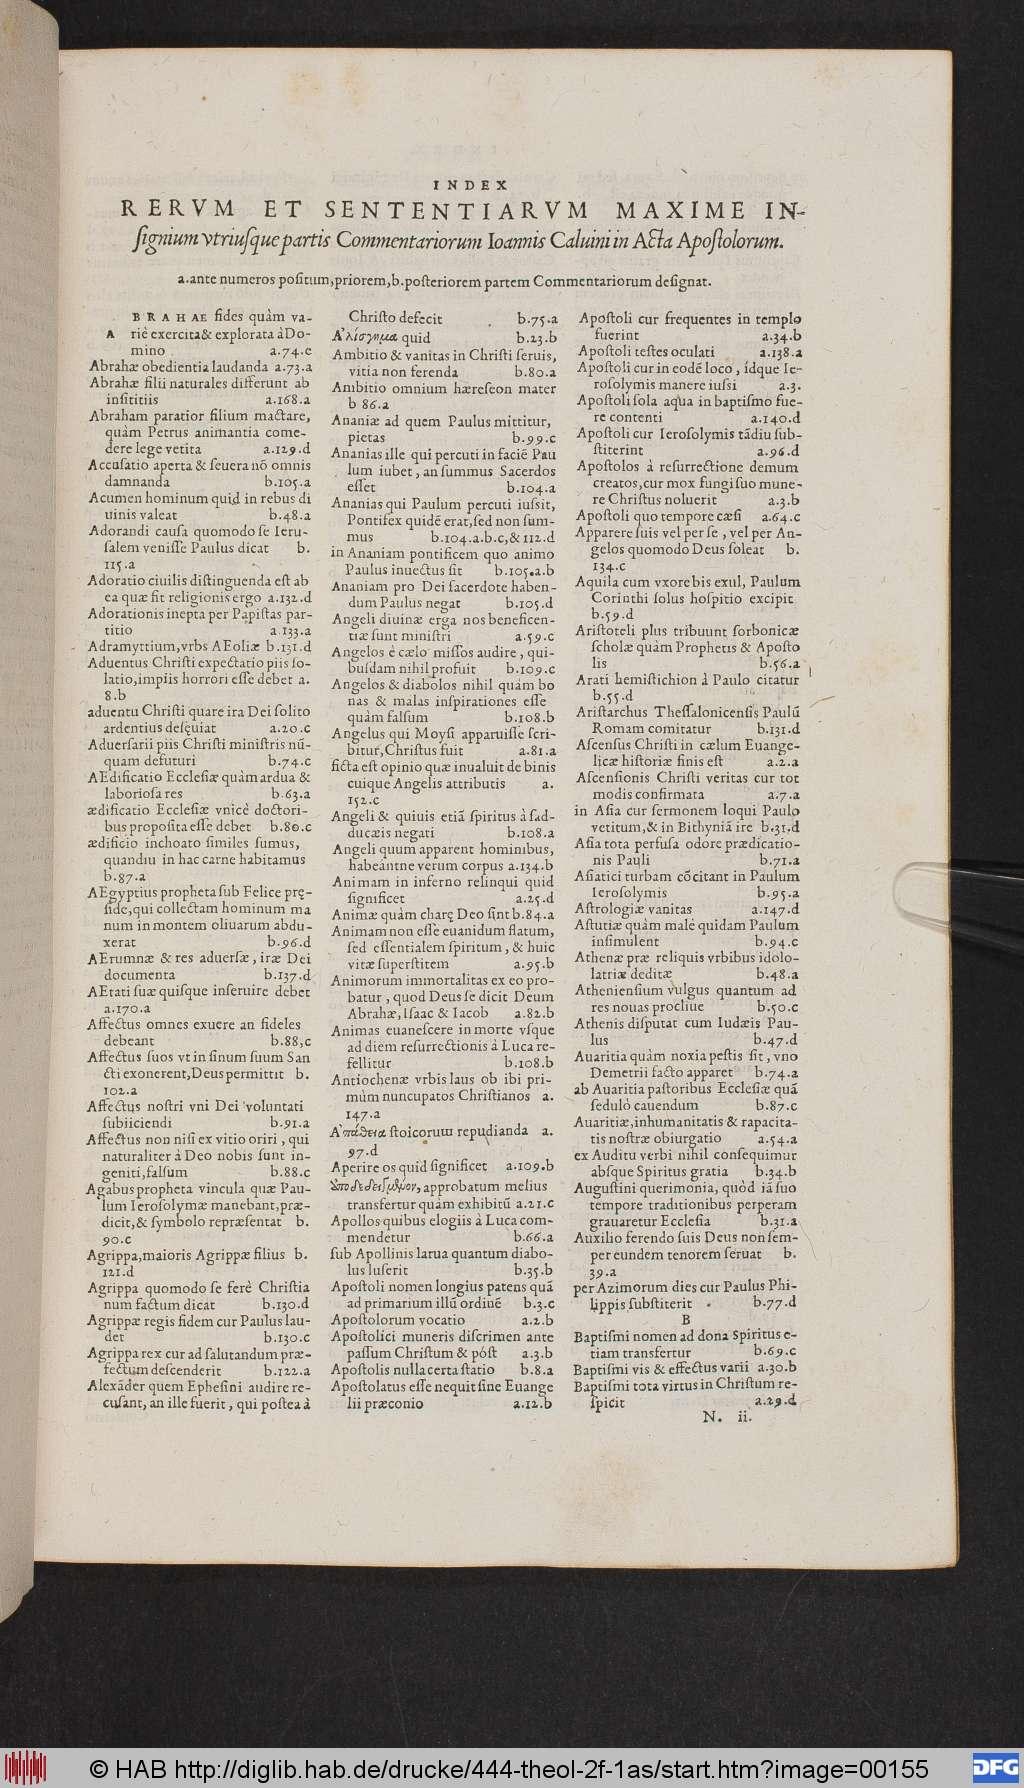 http://diglib.hab.de/drucke/444-theol-2f-1as/00155.jpg